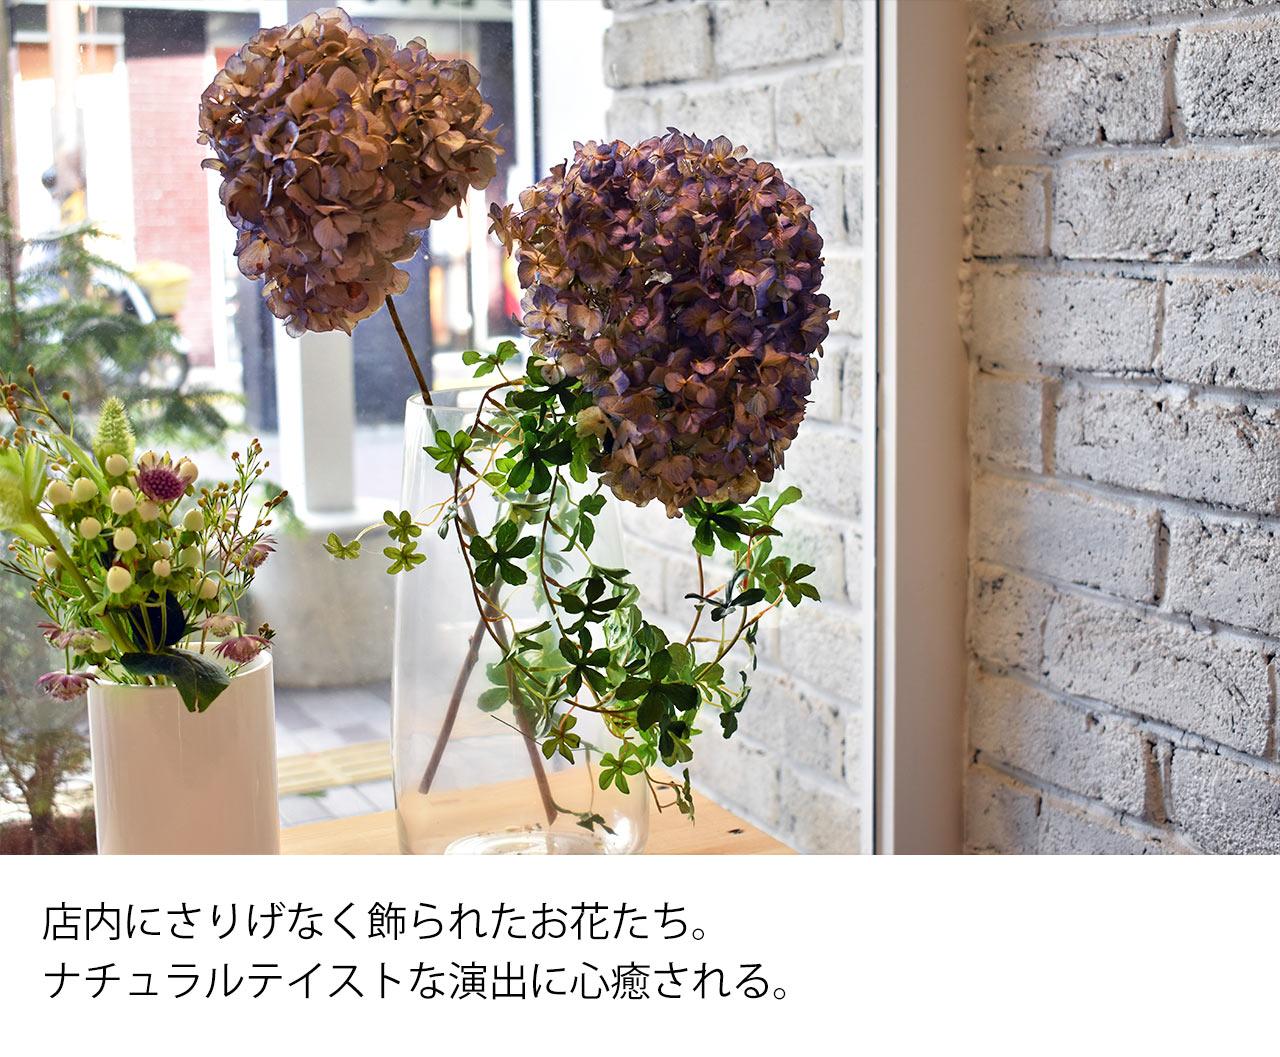 店内にさりげなく飾られたお花たち。ナチュラルテイストな演出に心癒される。